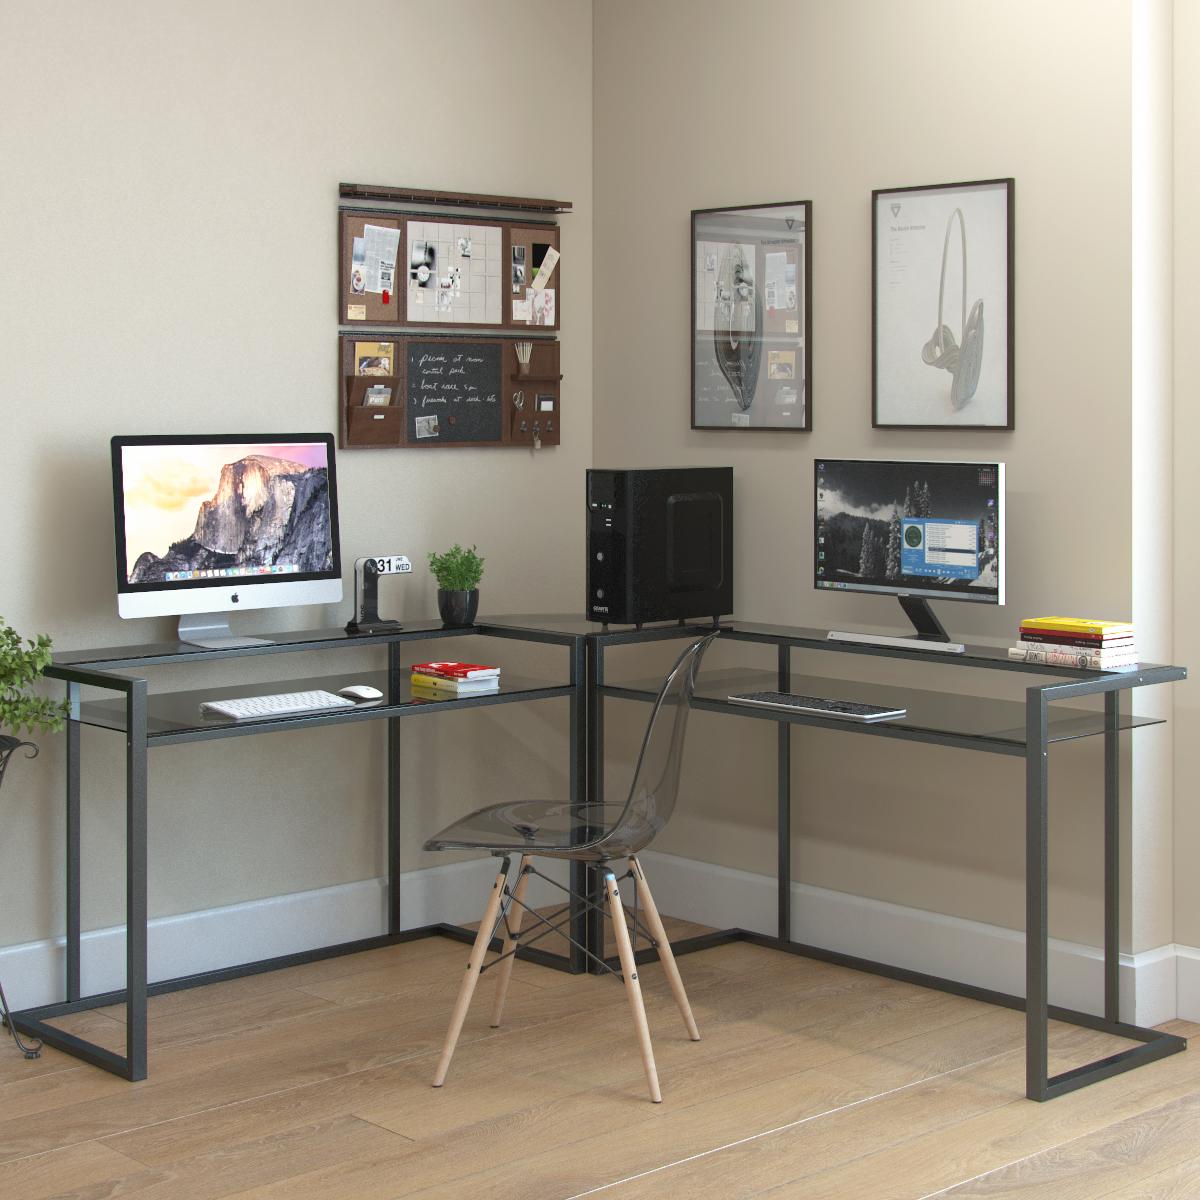 sauder shaped products harbor l desks desk computer view corner